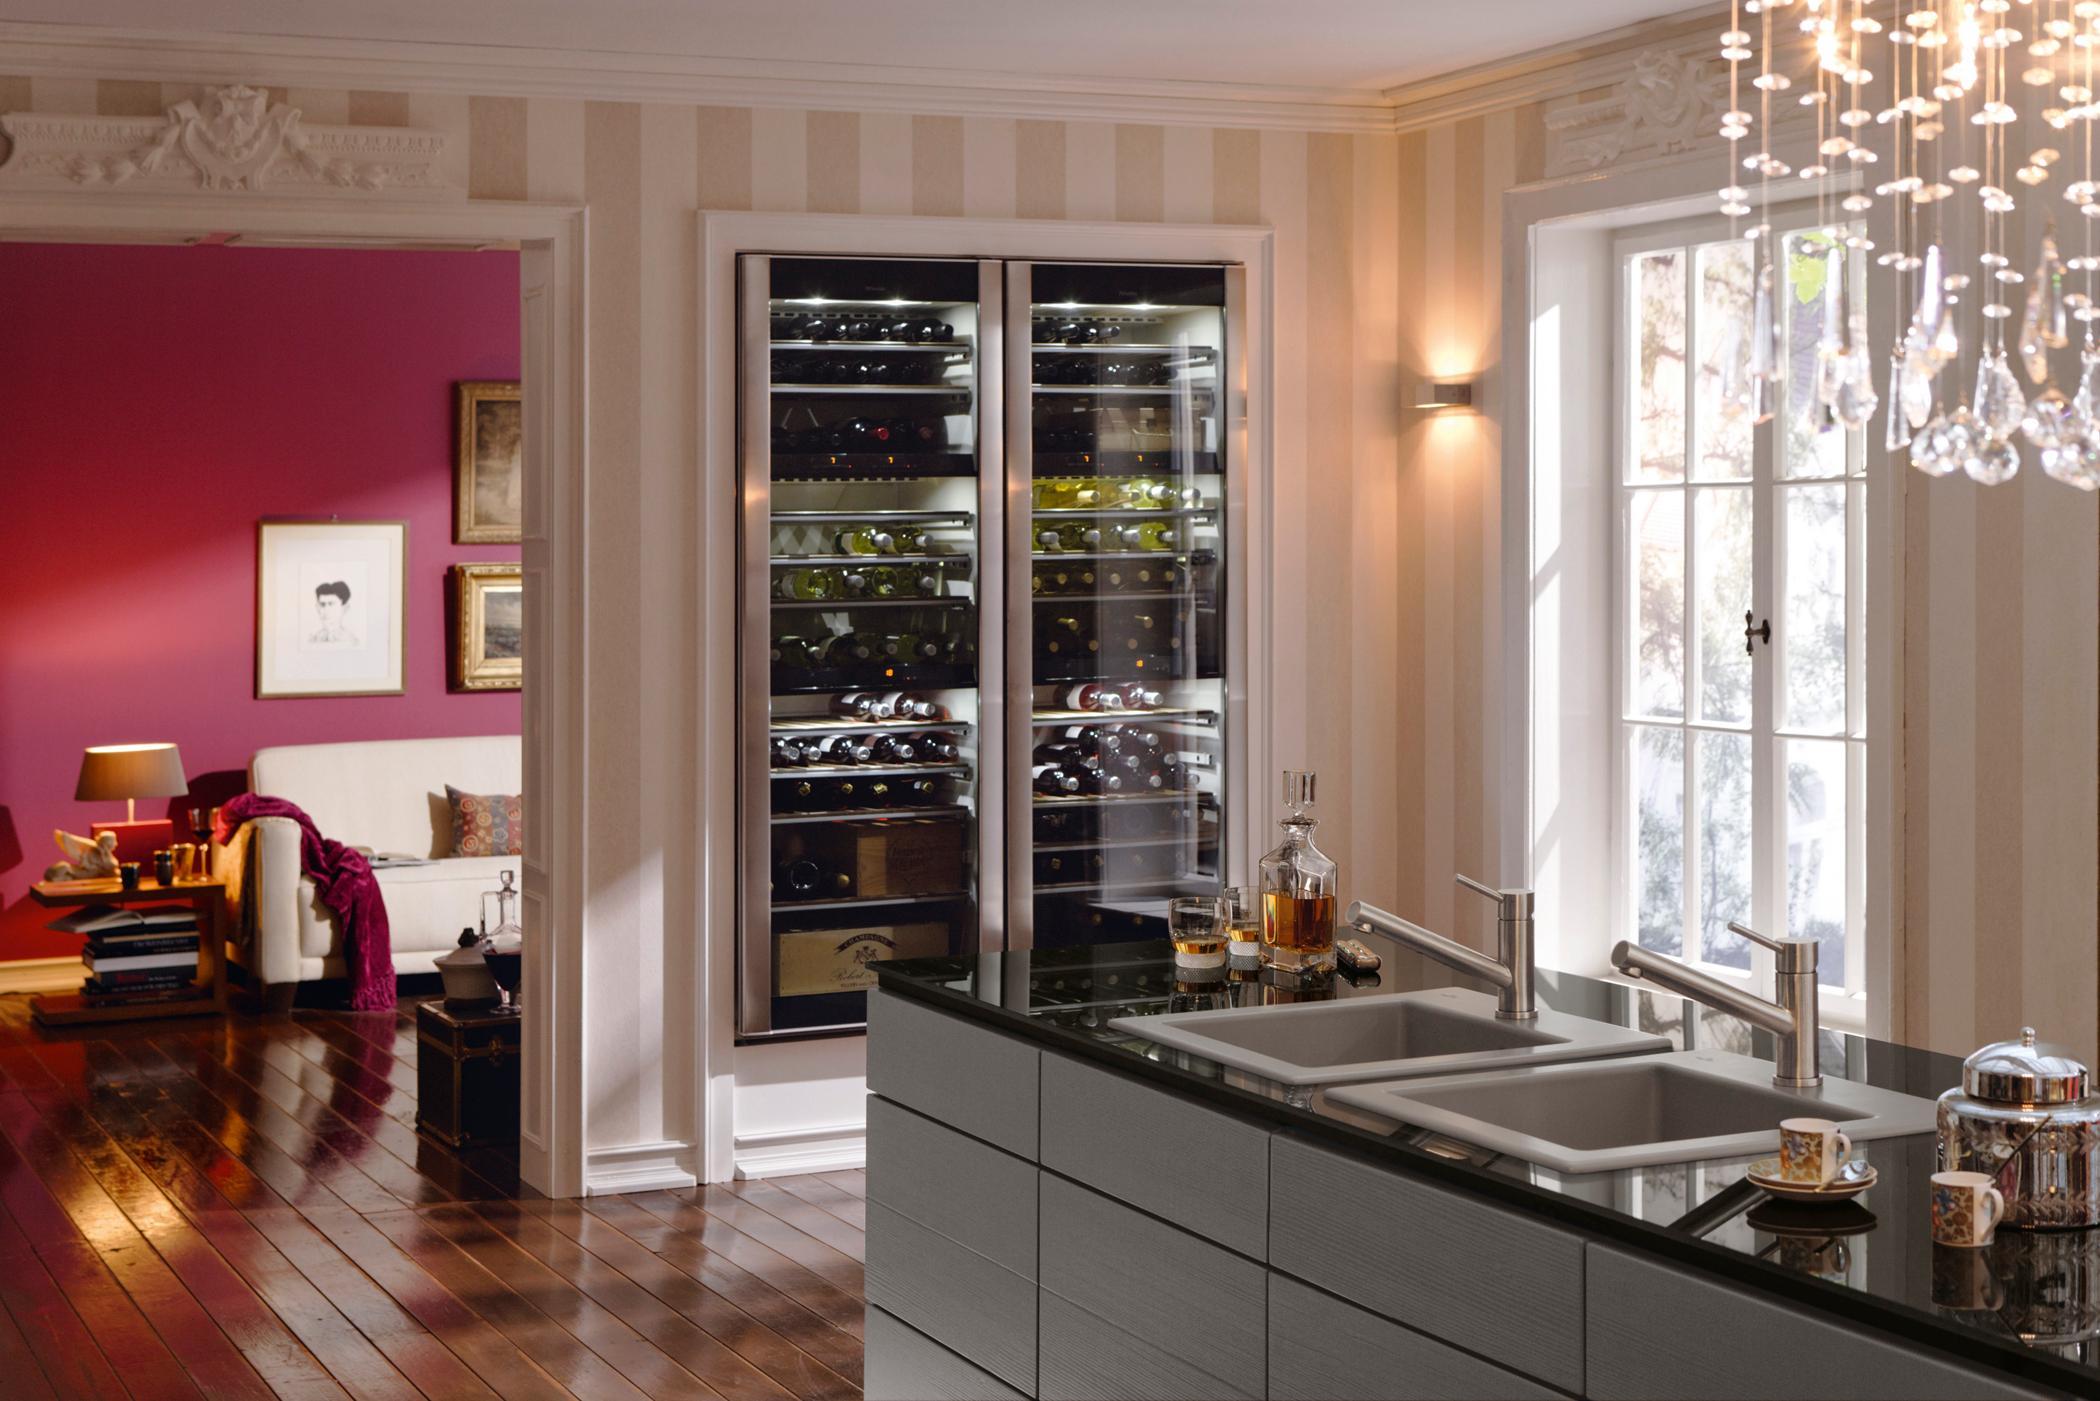 Stylischer Weinkühlschrank #küche #kronleuchter #sofa #gestreiftetapete  #weinregal #küchentheke ©Villeroy